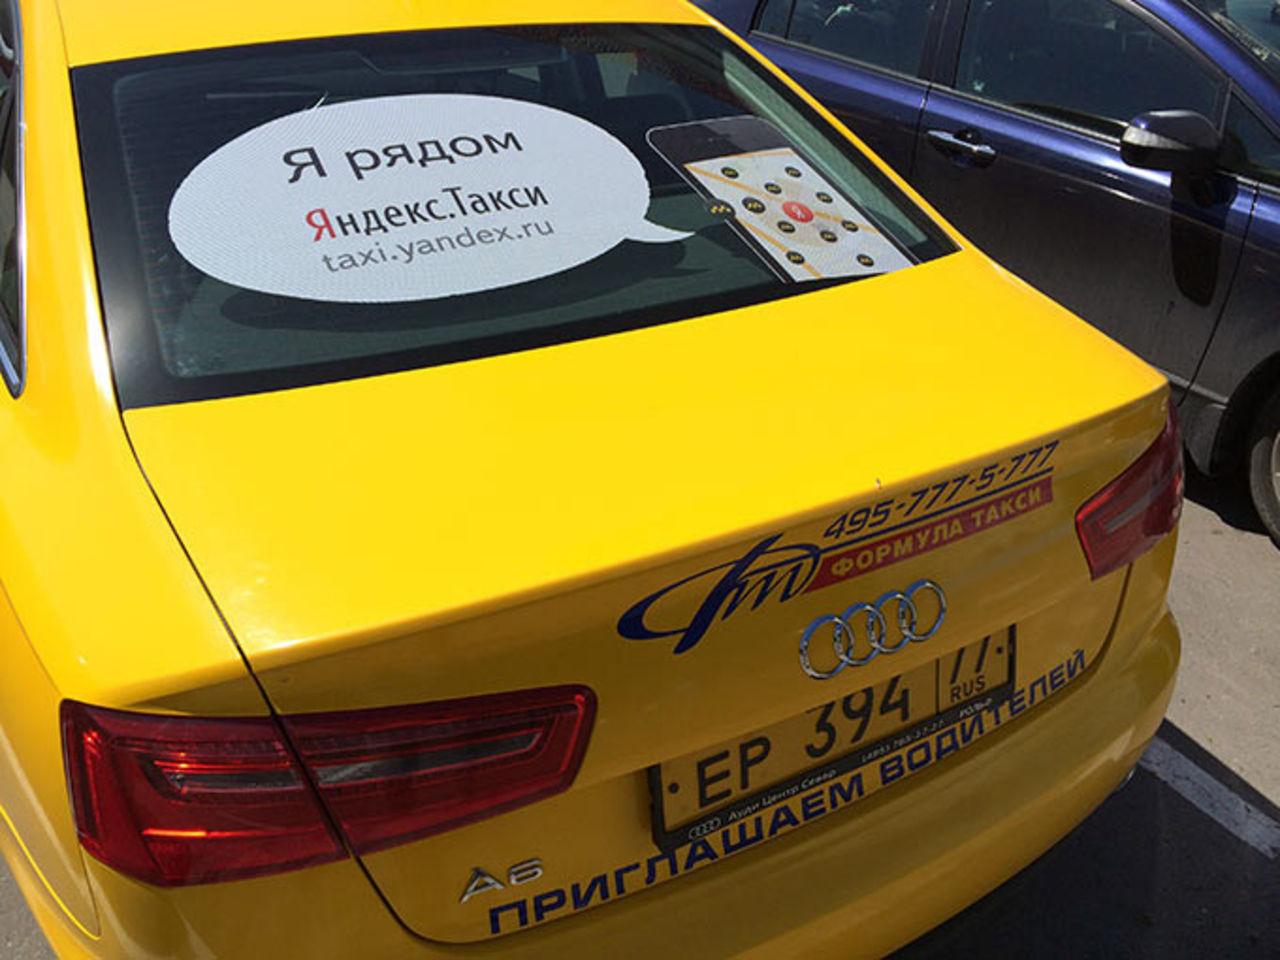 Яндекс.такси может появиться в Украине 2